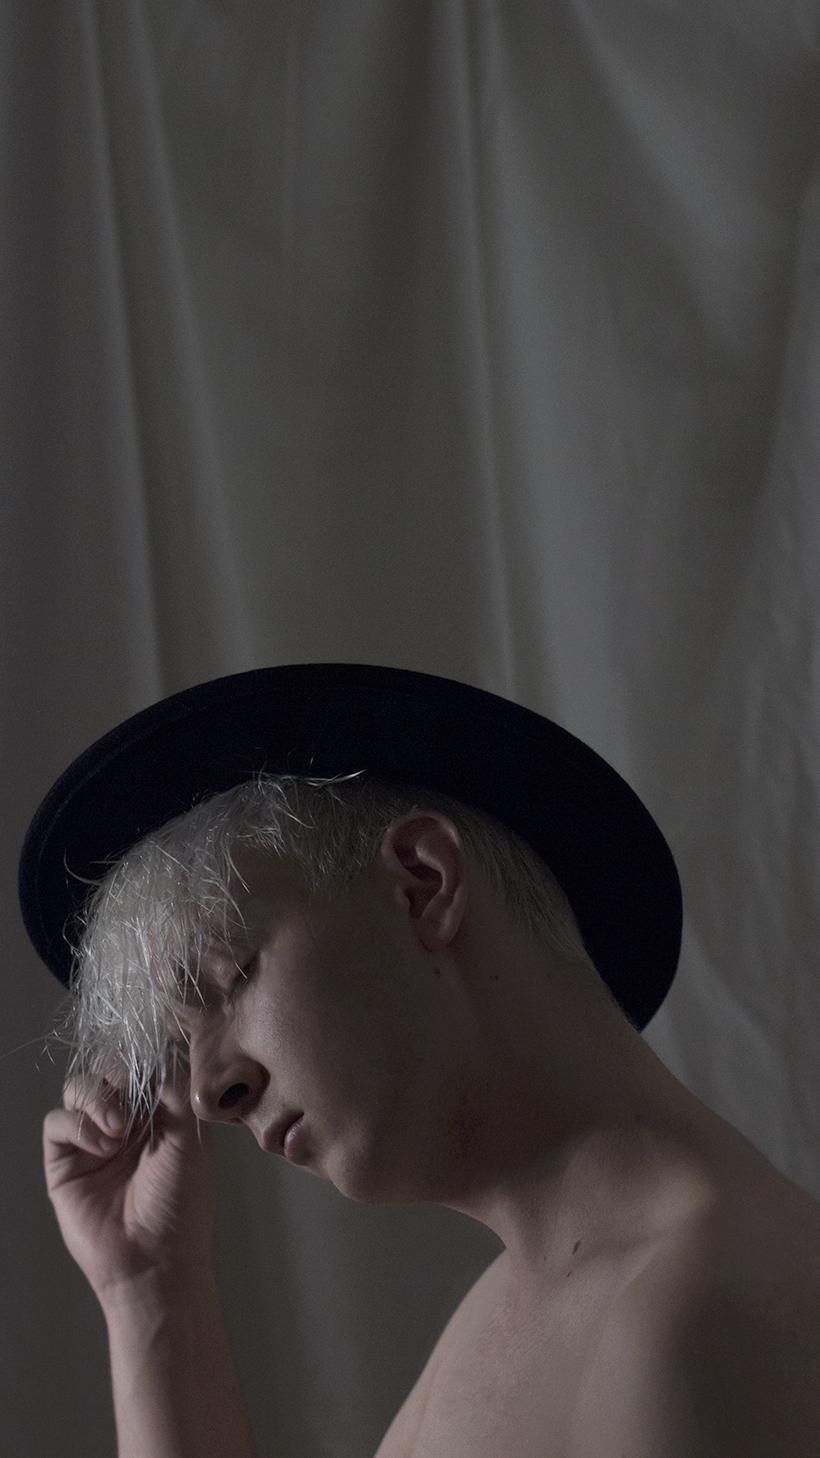 jere_viinikainen_photographer_omakuva_art_fedora1